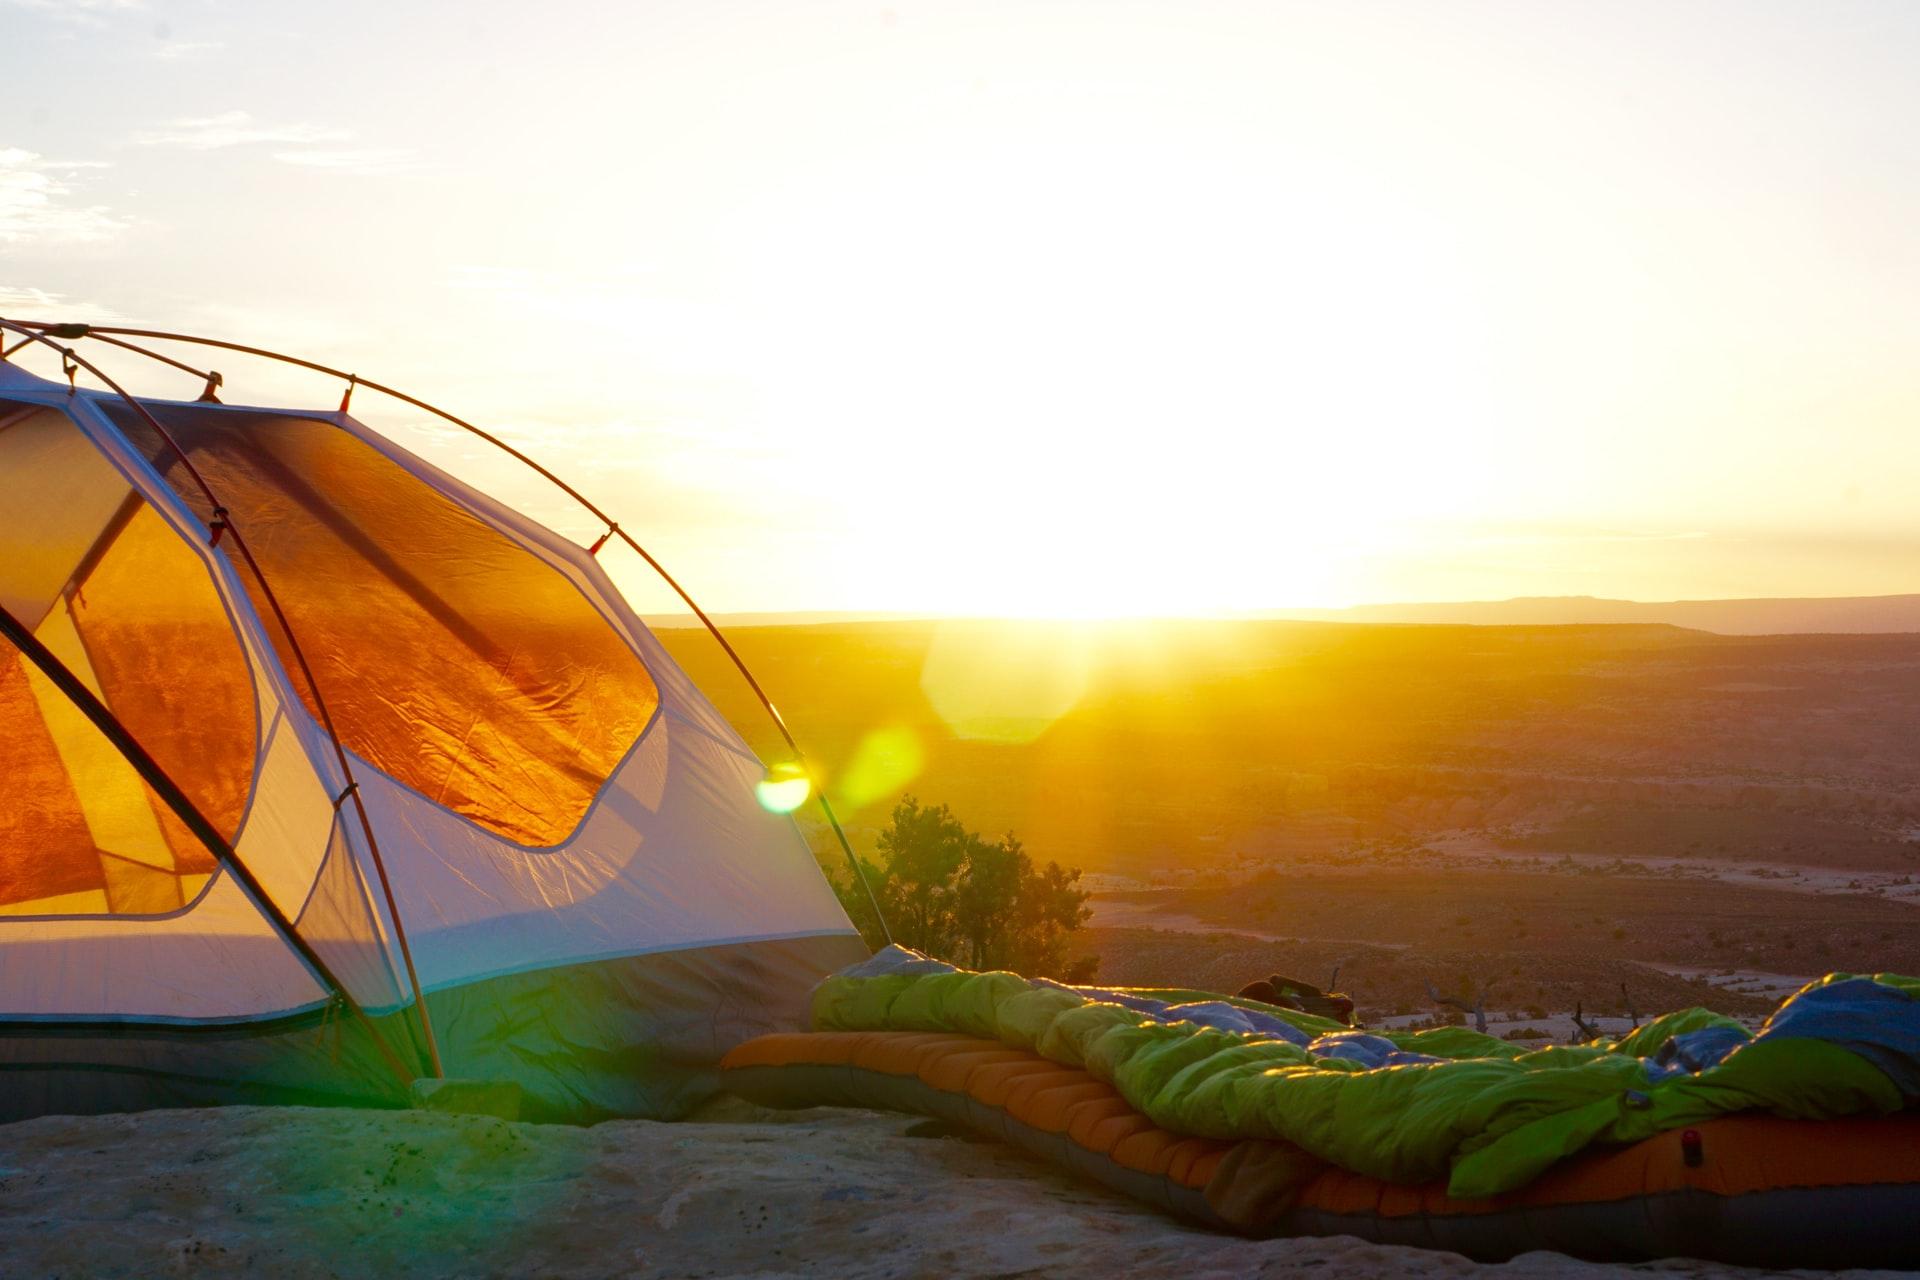 Arches National Park, Utah (photo: Jack Sloop)